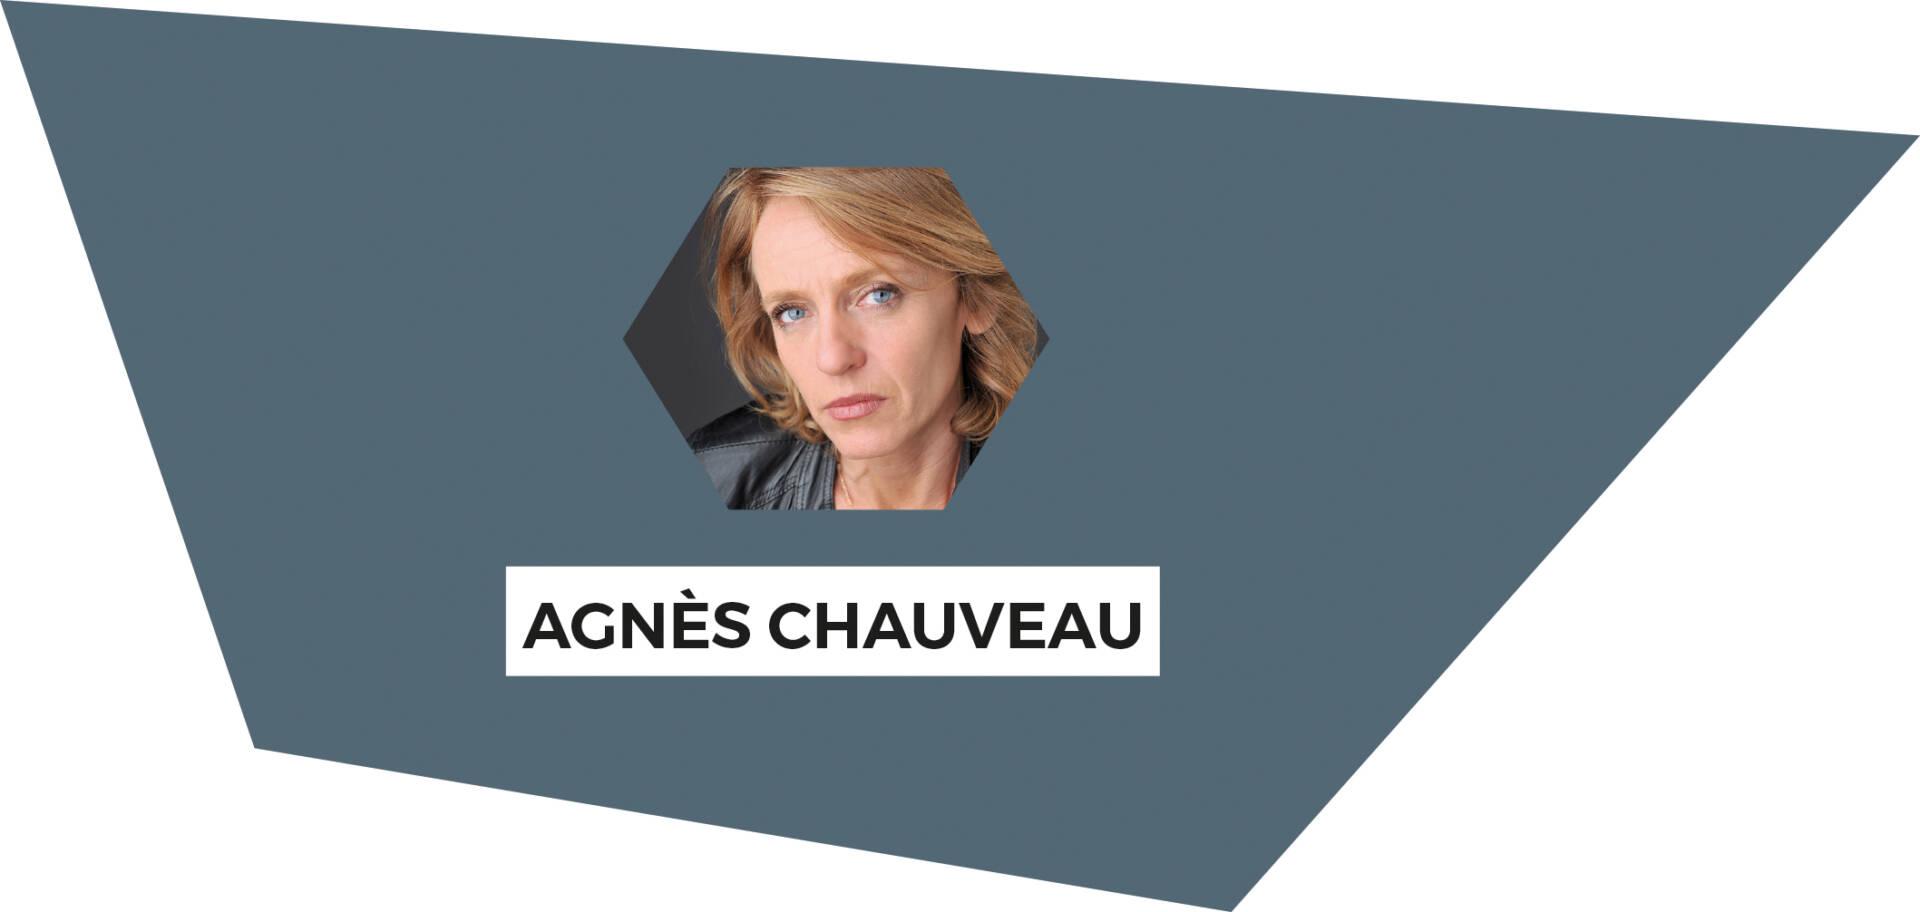 Agnes chauveau